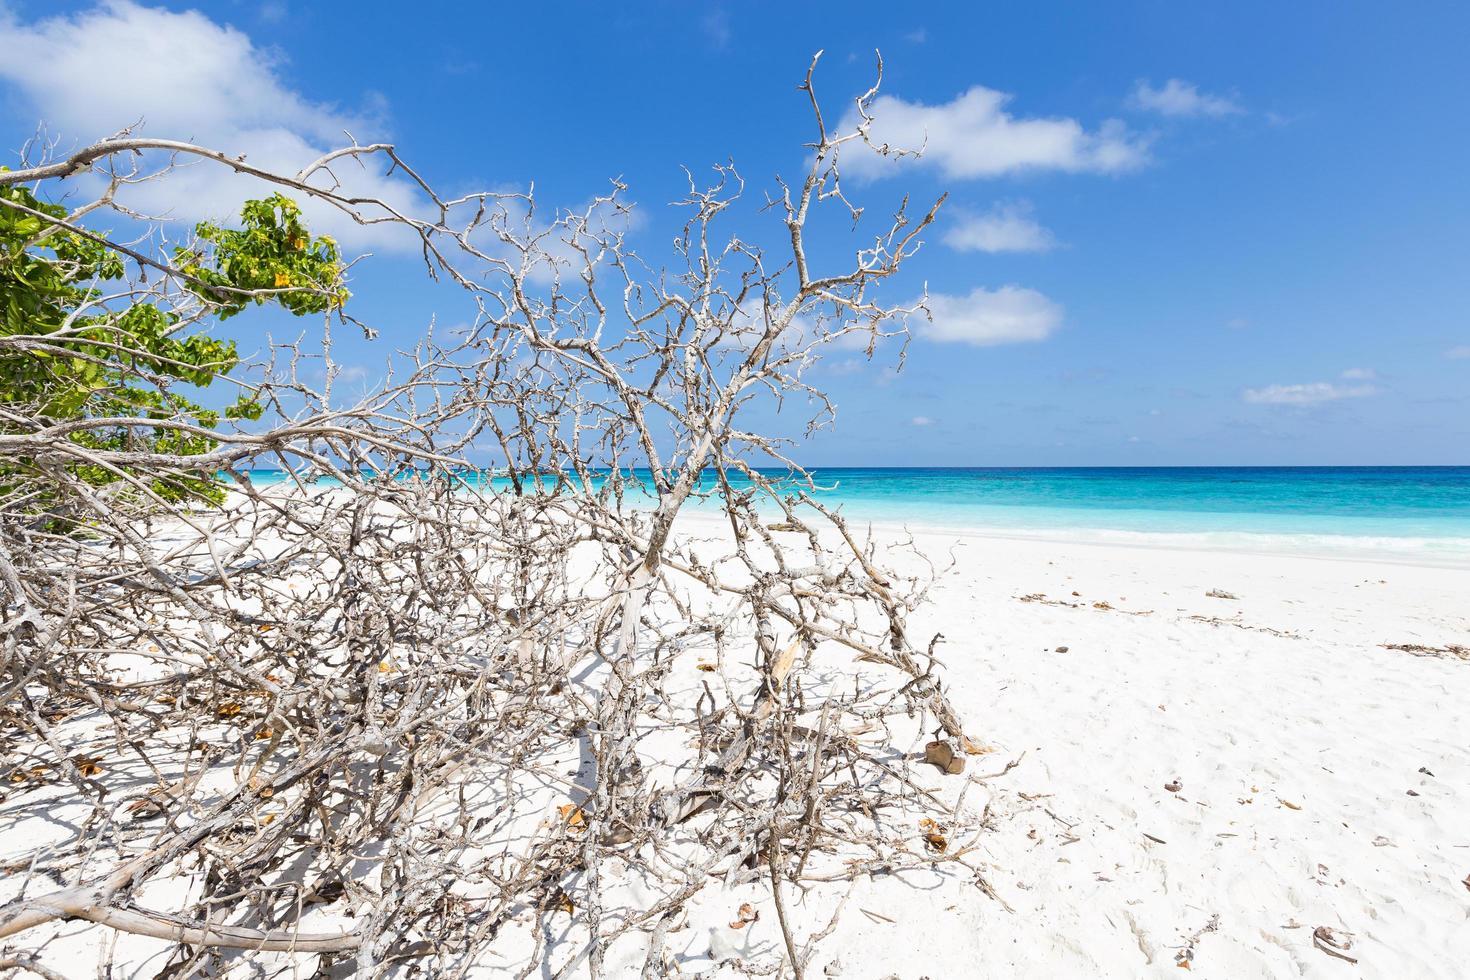 brindilles sèches sur le sable photo